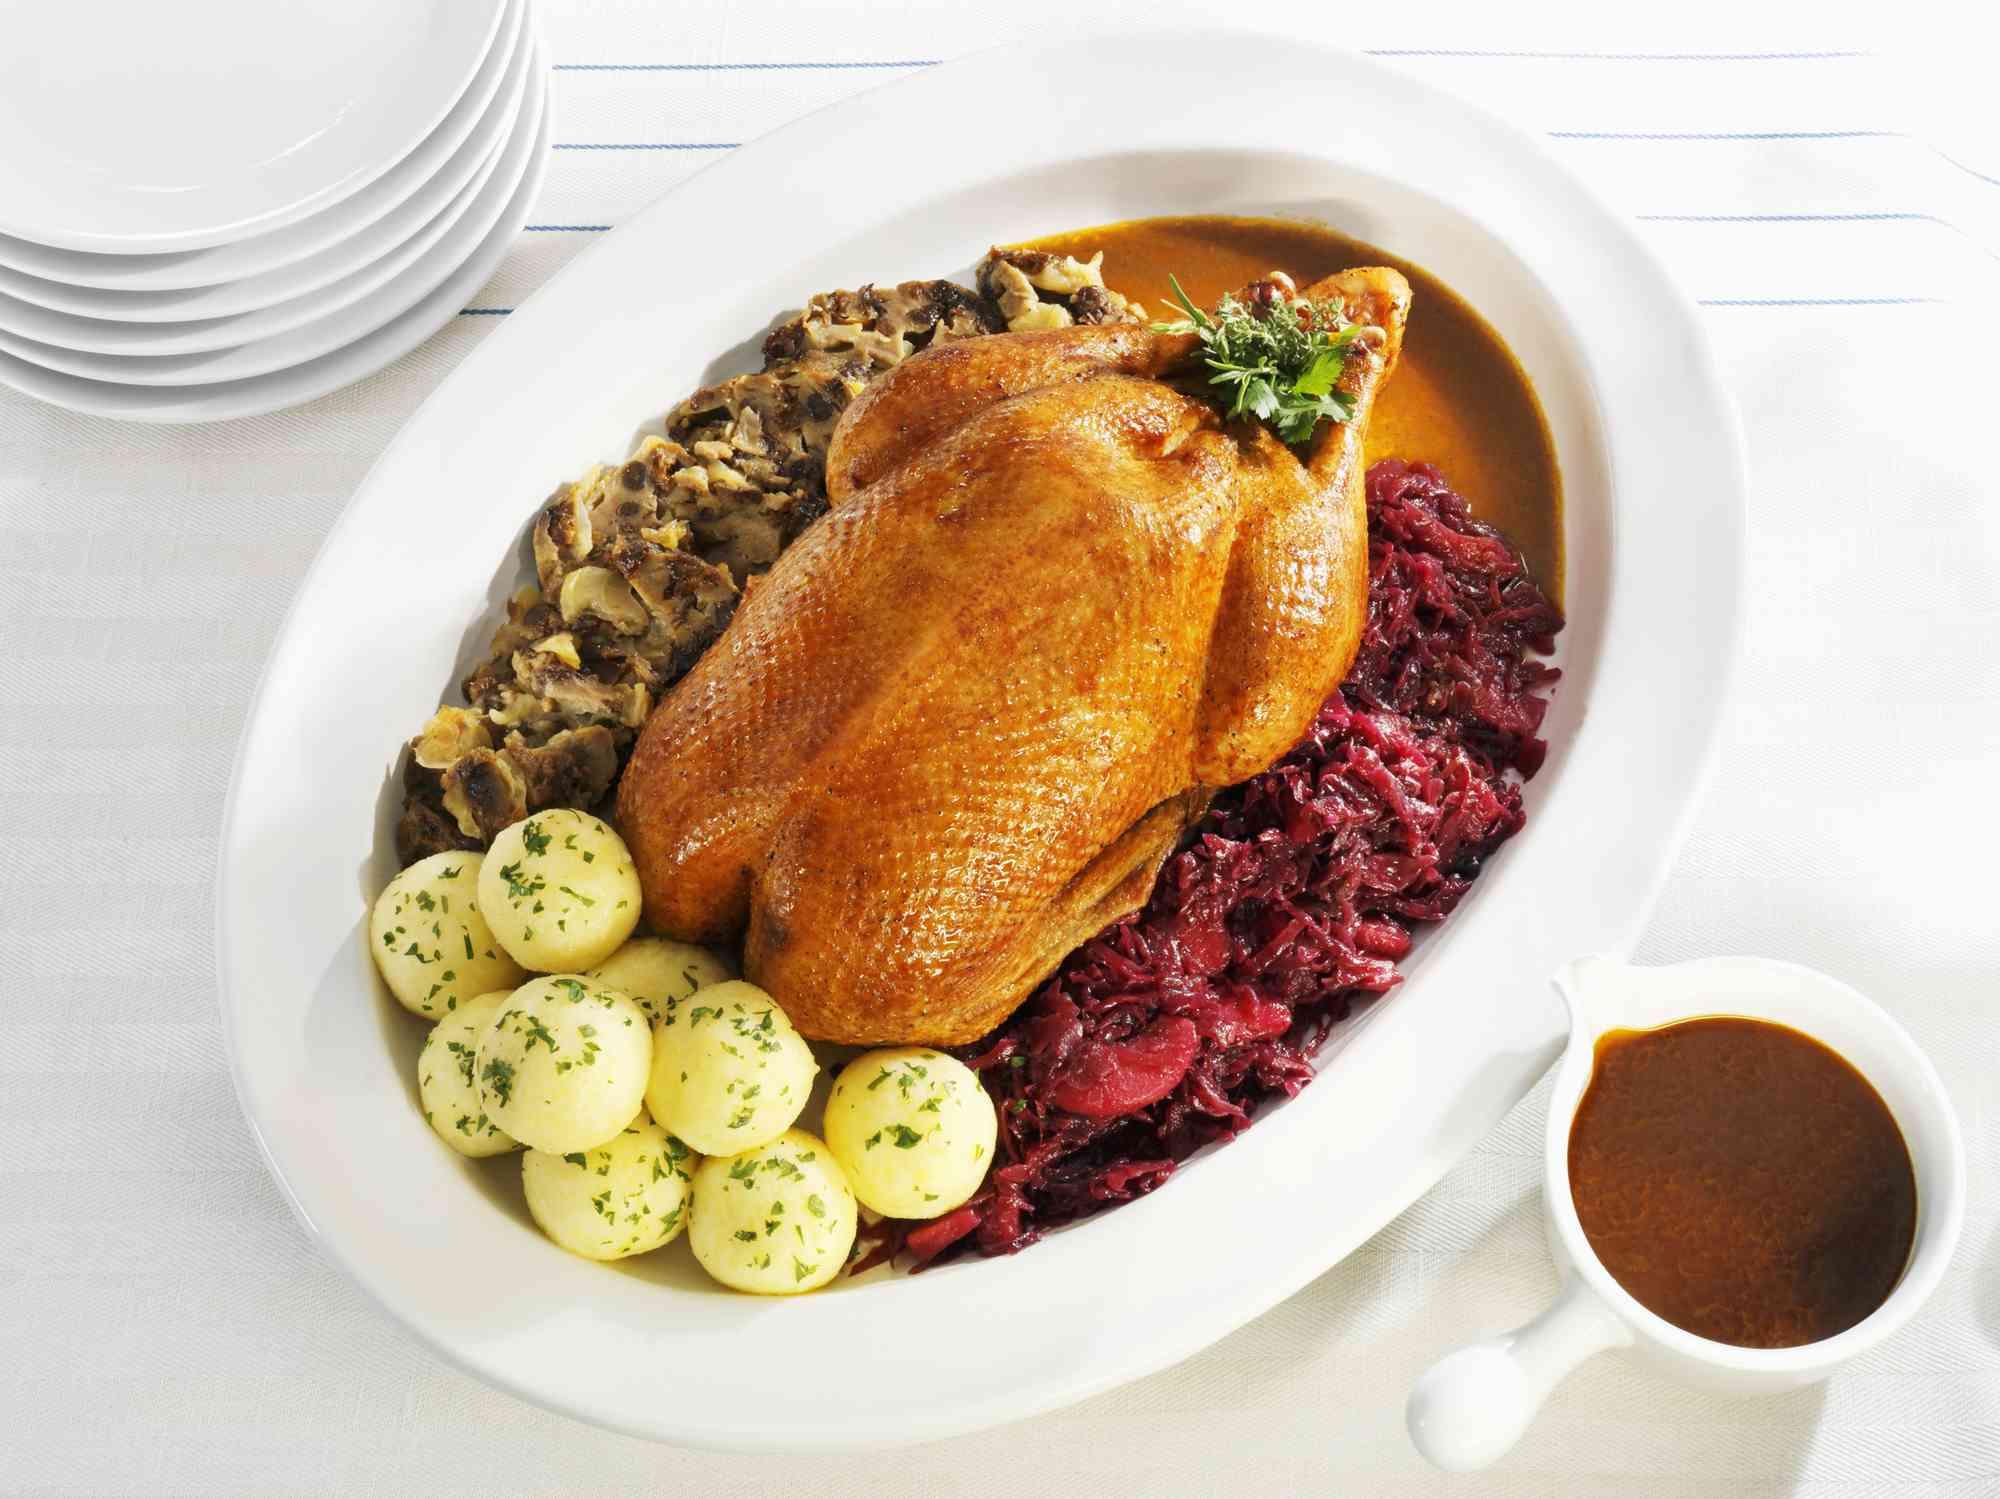 Recipe for Roast Christmas Goose